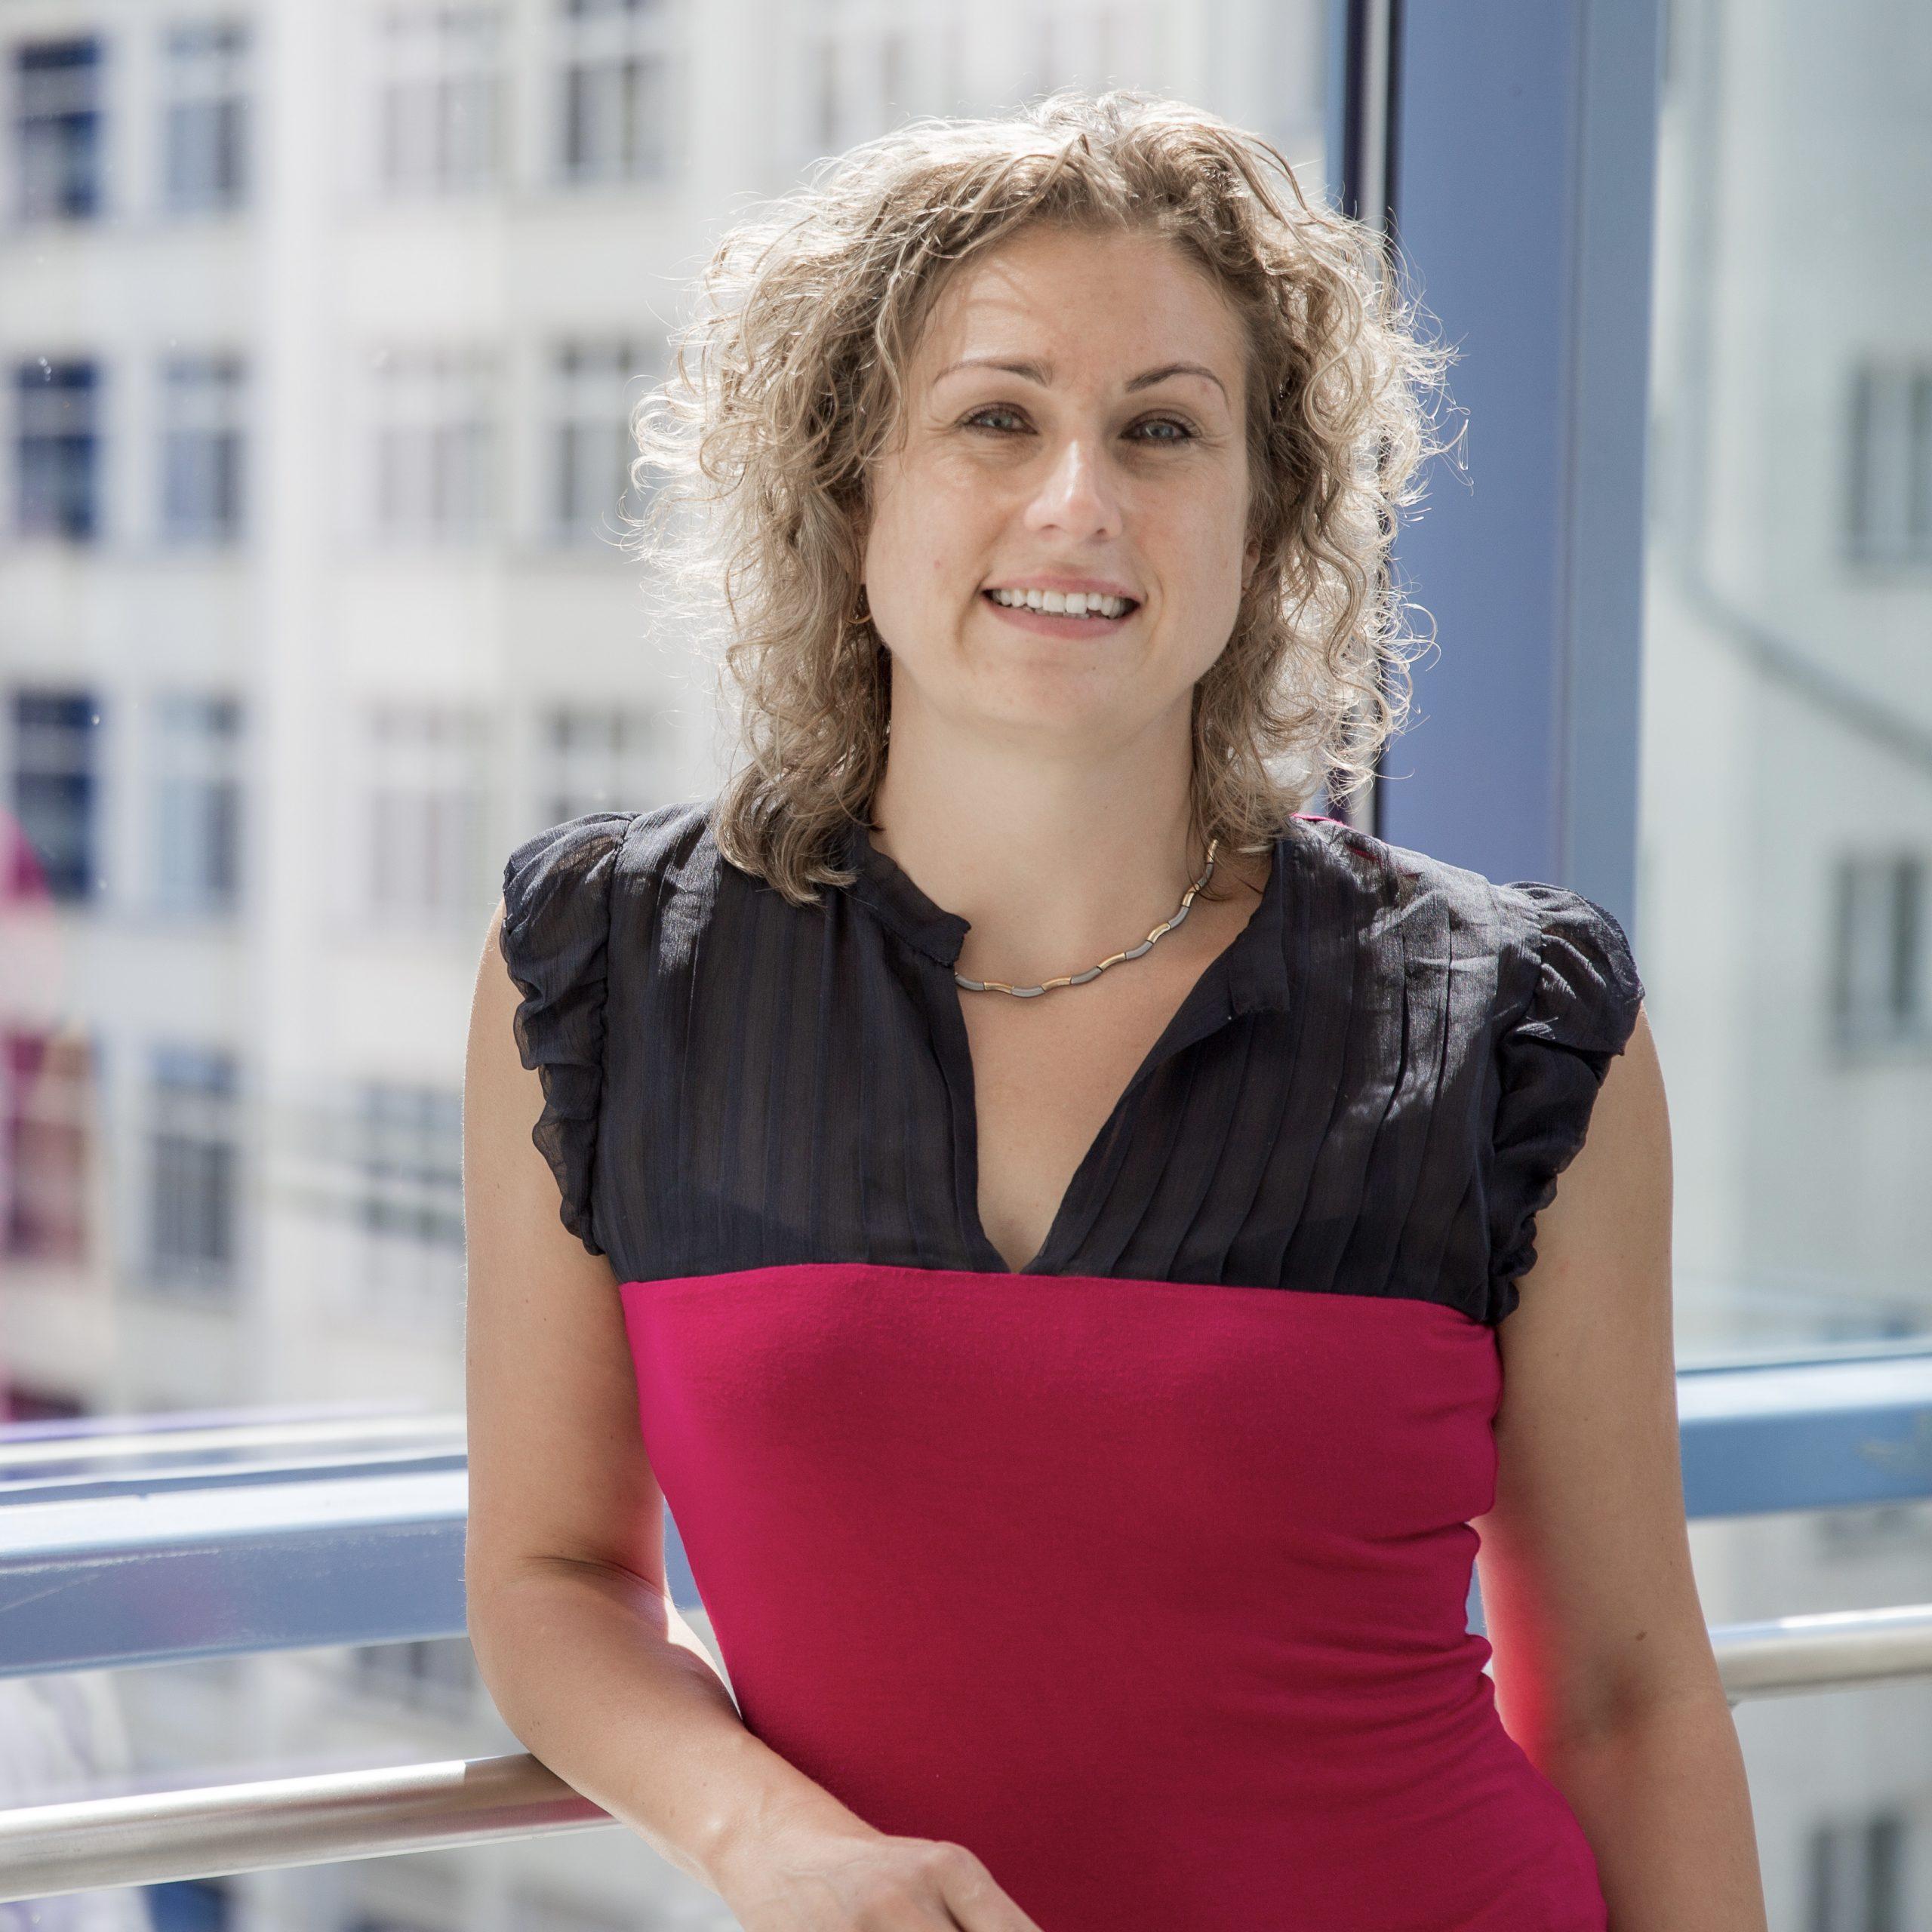 Dr. Kristina von Rhein